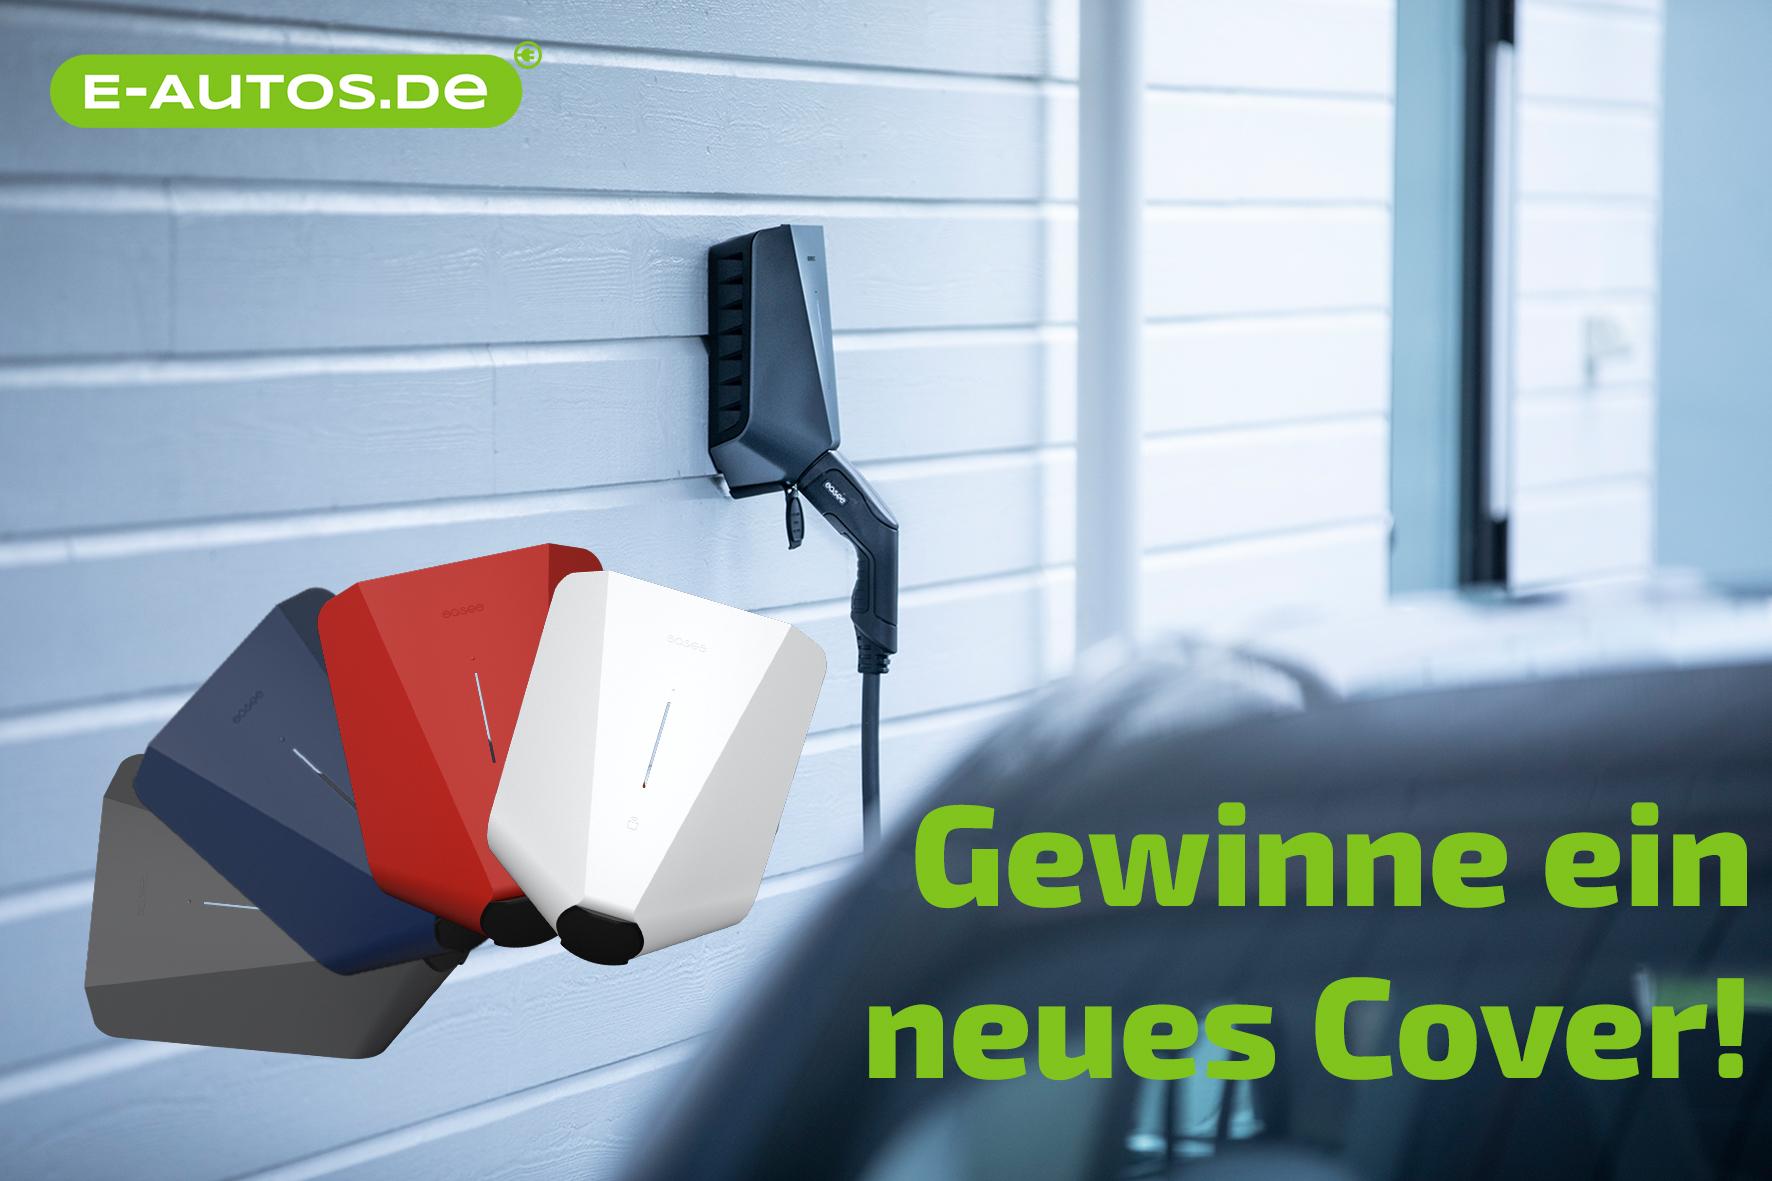 Gewinnspiel E-Autos.de